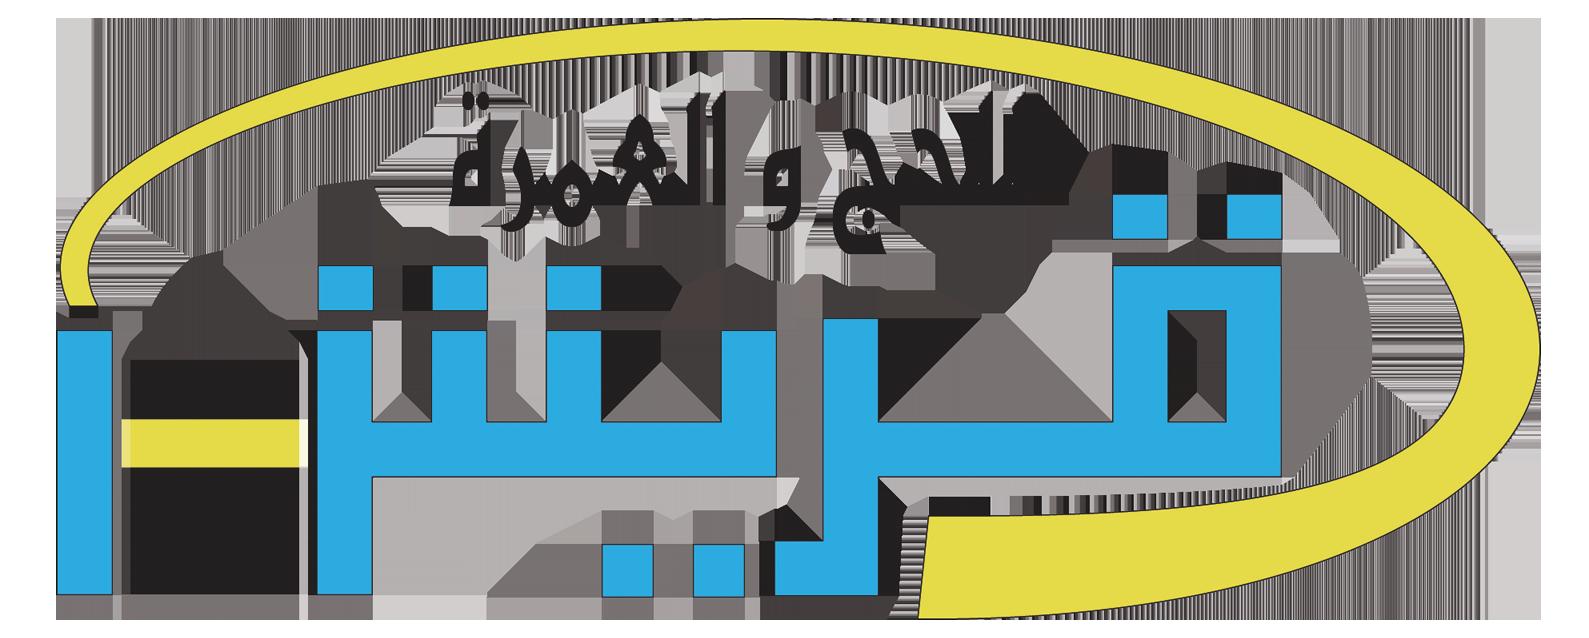 Qurish Haj & Umrah